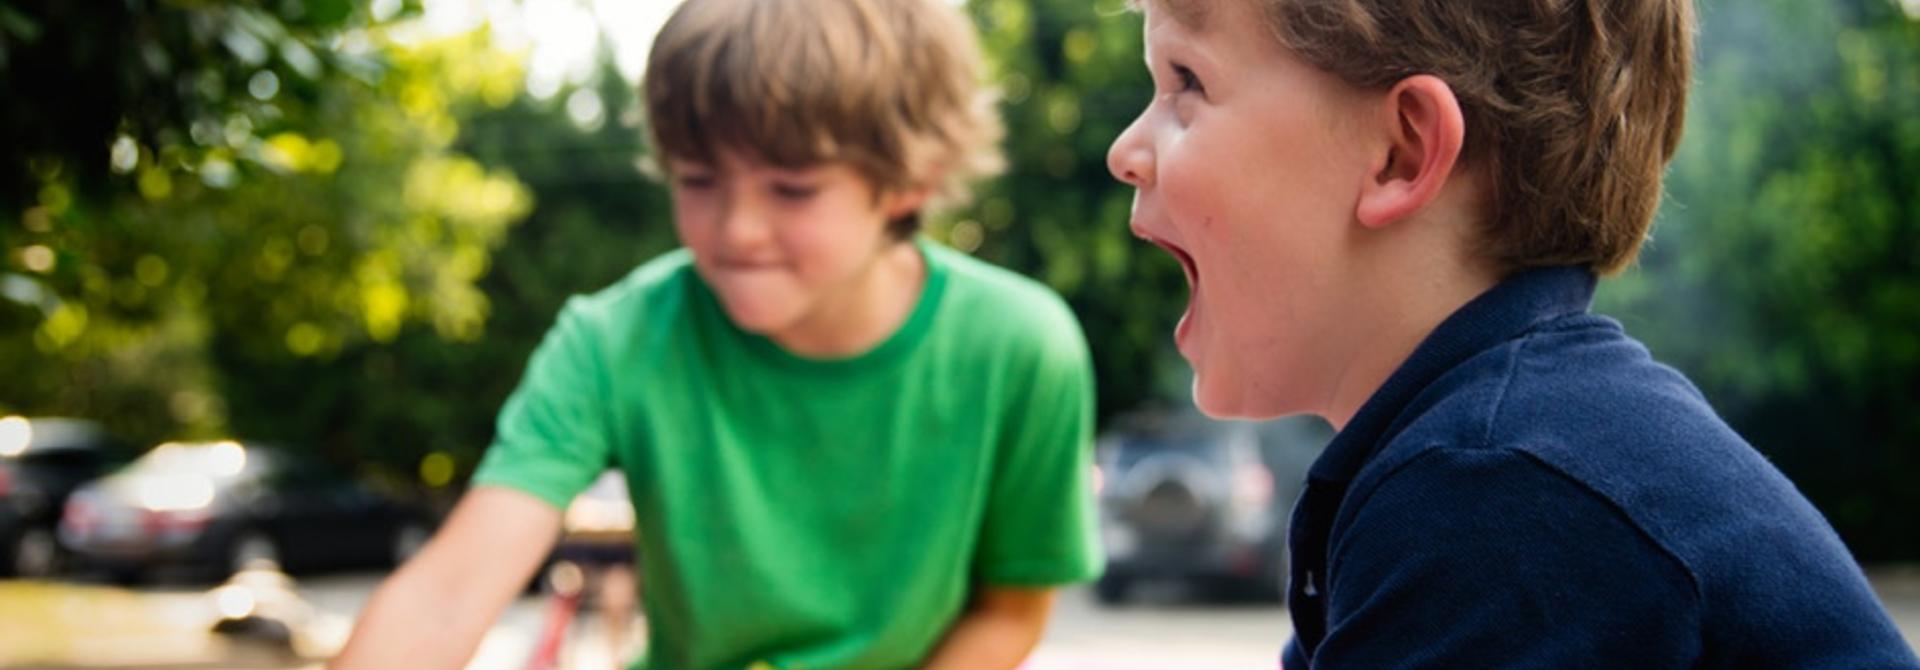 Belangrijke informatie voor het kiezen van een kinderzitje | BubbleBum.nl